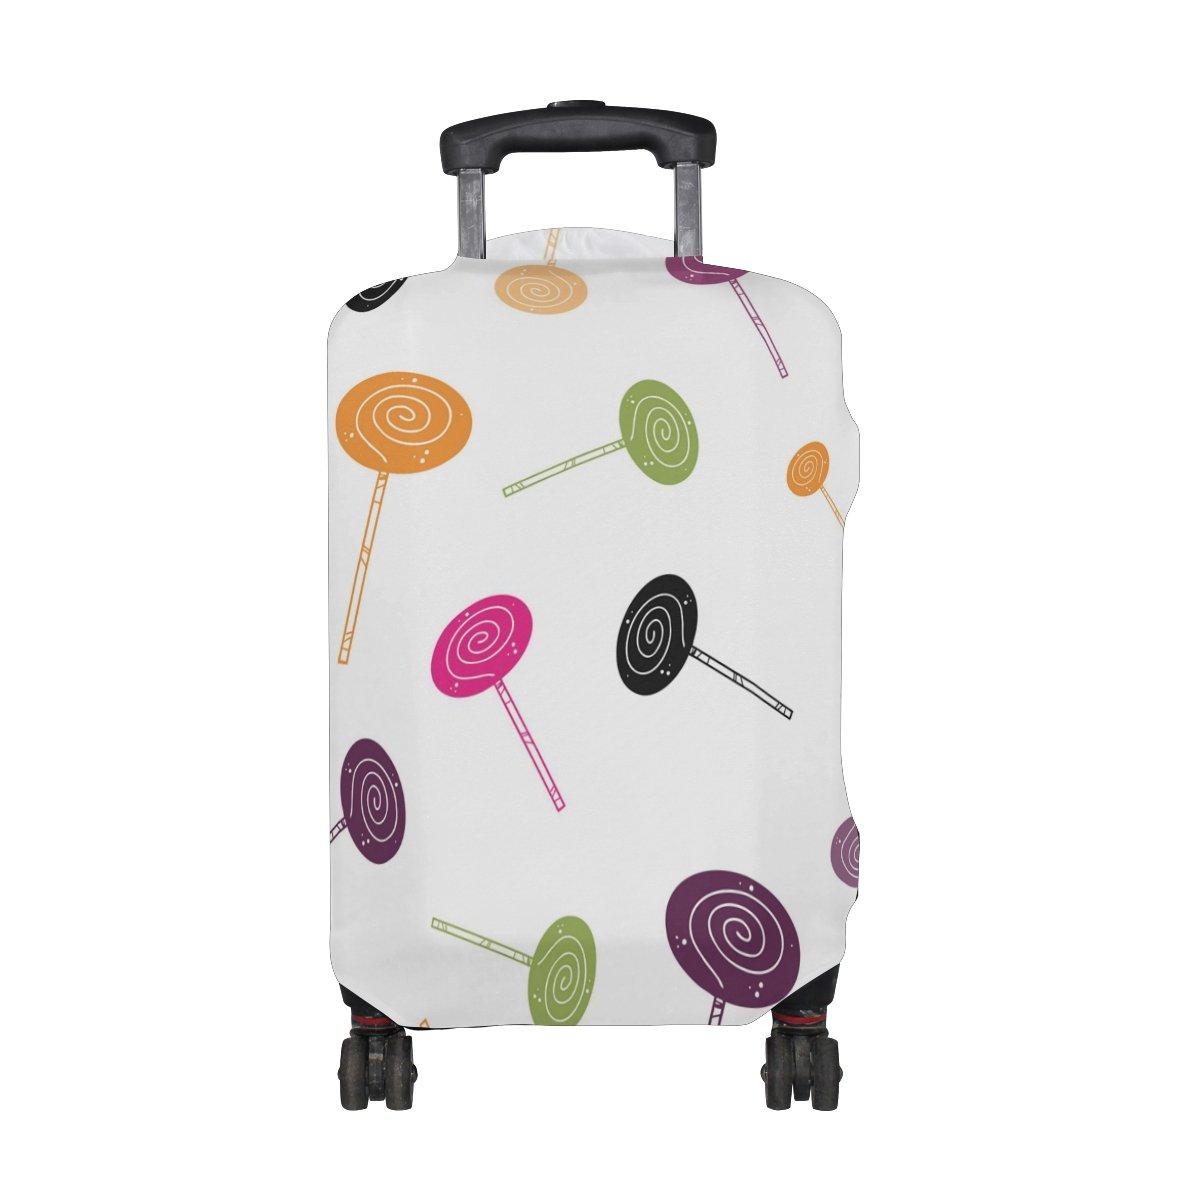 COOSUN Caramelo de Halloween de la impresión del modelo del equipaje del viaje cubiertas protectoras lavable Spandex equipaje Maleta Cubierta - Se adapta a ...